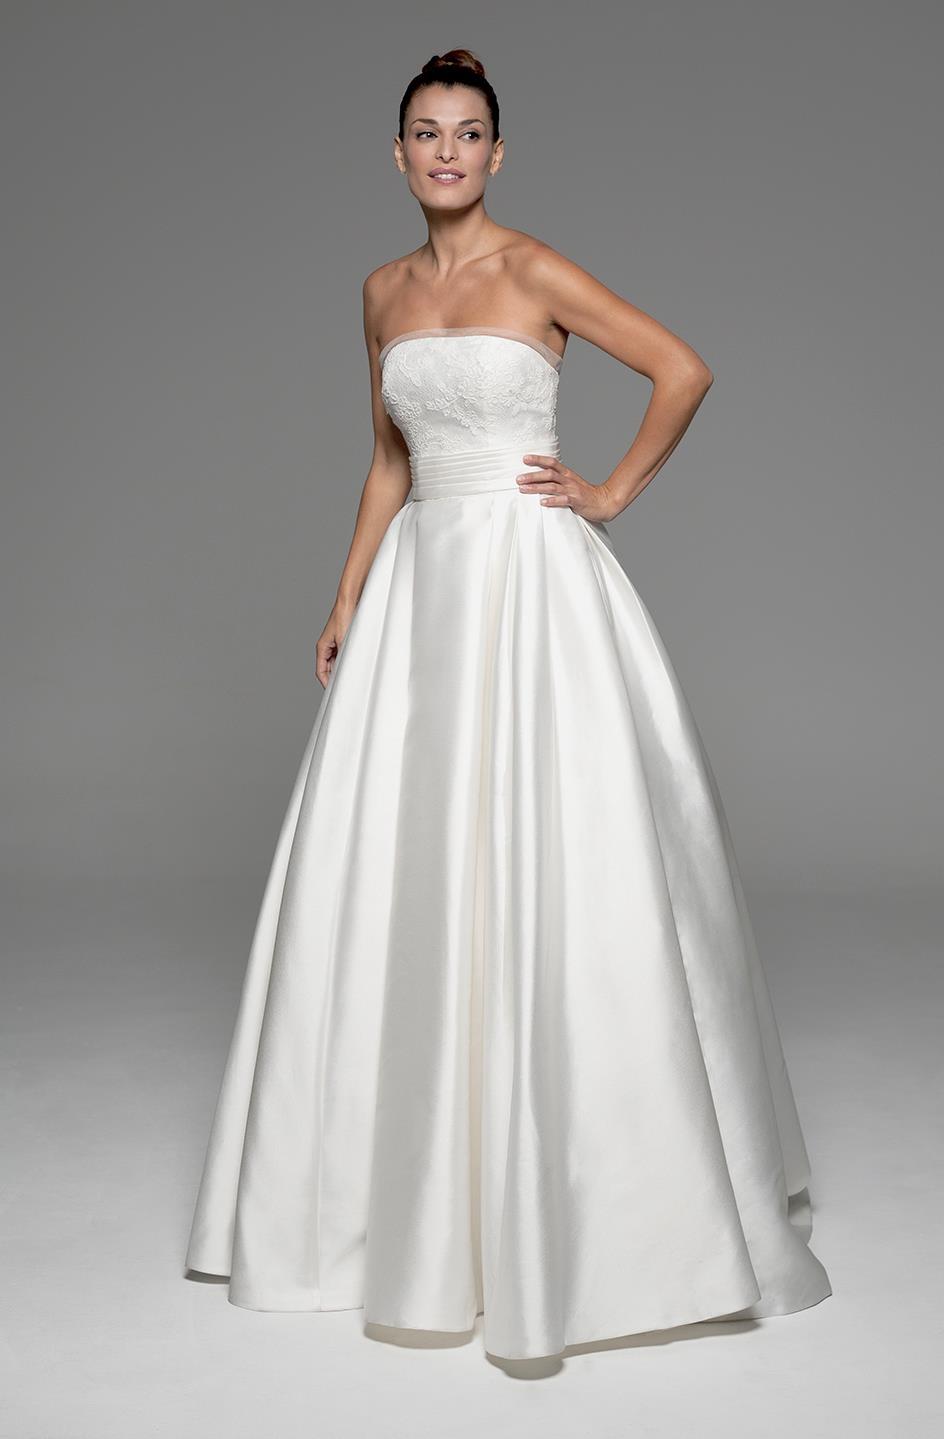 516ad1f3961 Vestido de novia Modelo Ayla de Innovias en corte princesa, mikado de seda  y encaje rebrodé con escote en straples